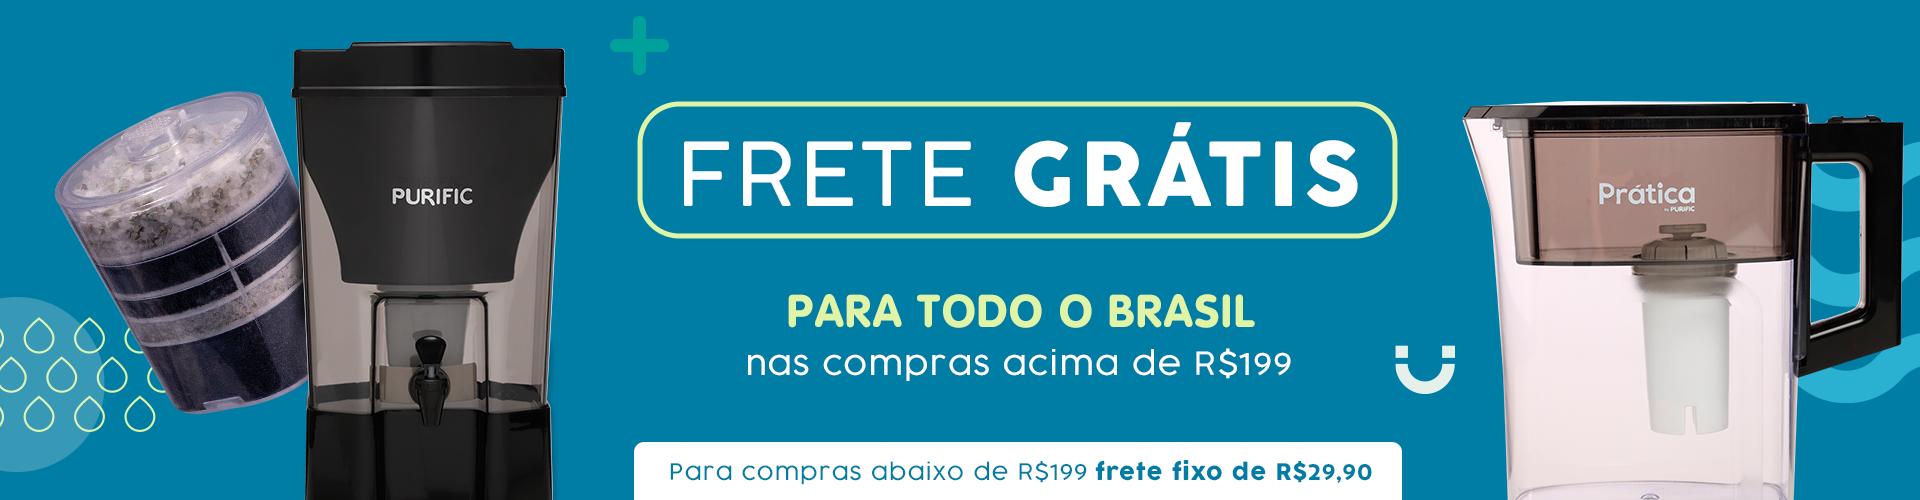 Frete Gratis Brasil